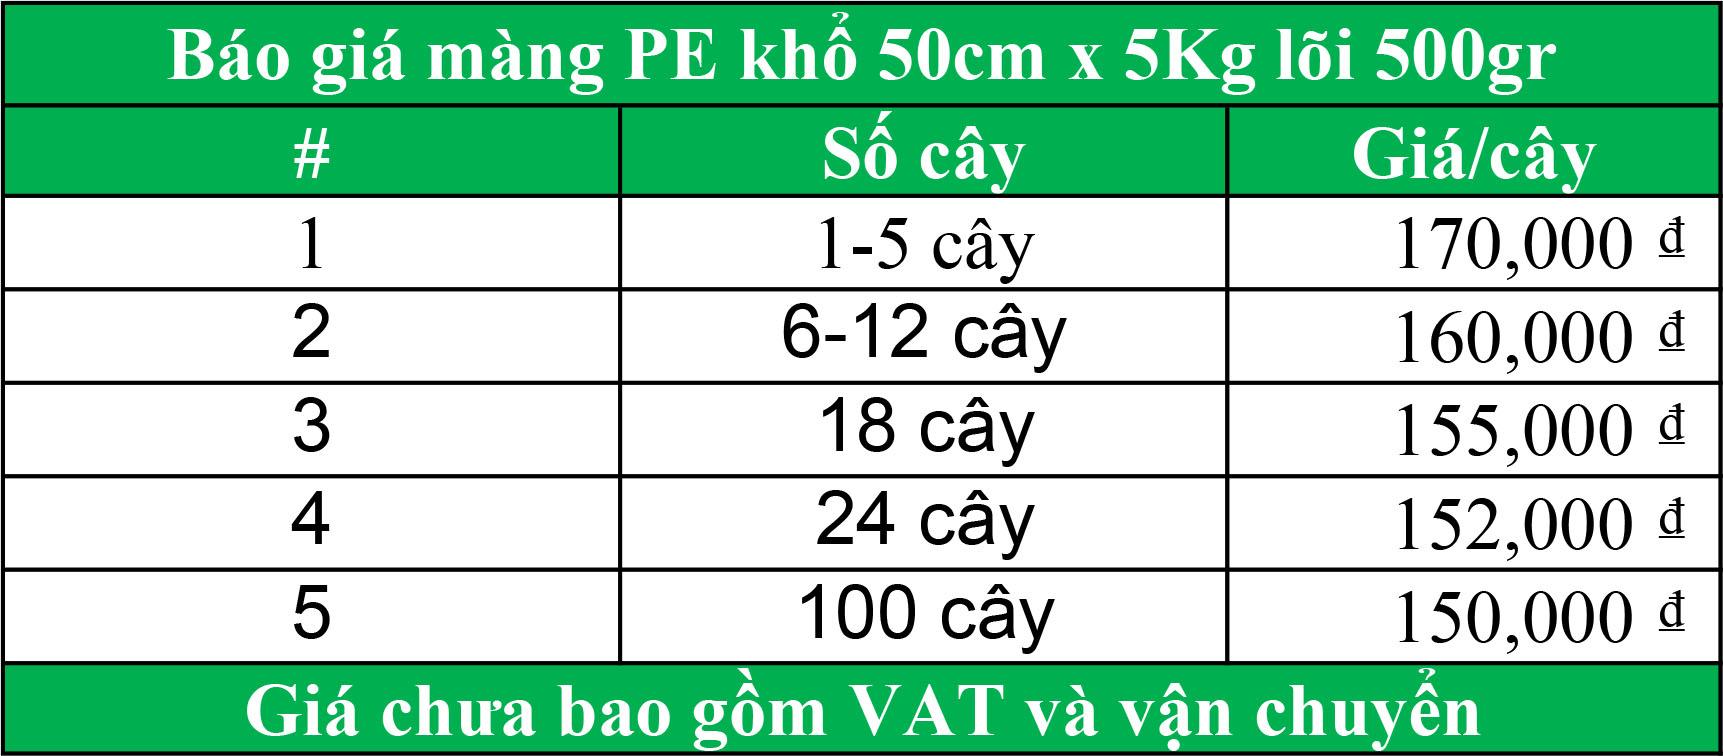 Giá màng PE khổ 50cm x 5kg lõi 300gr